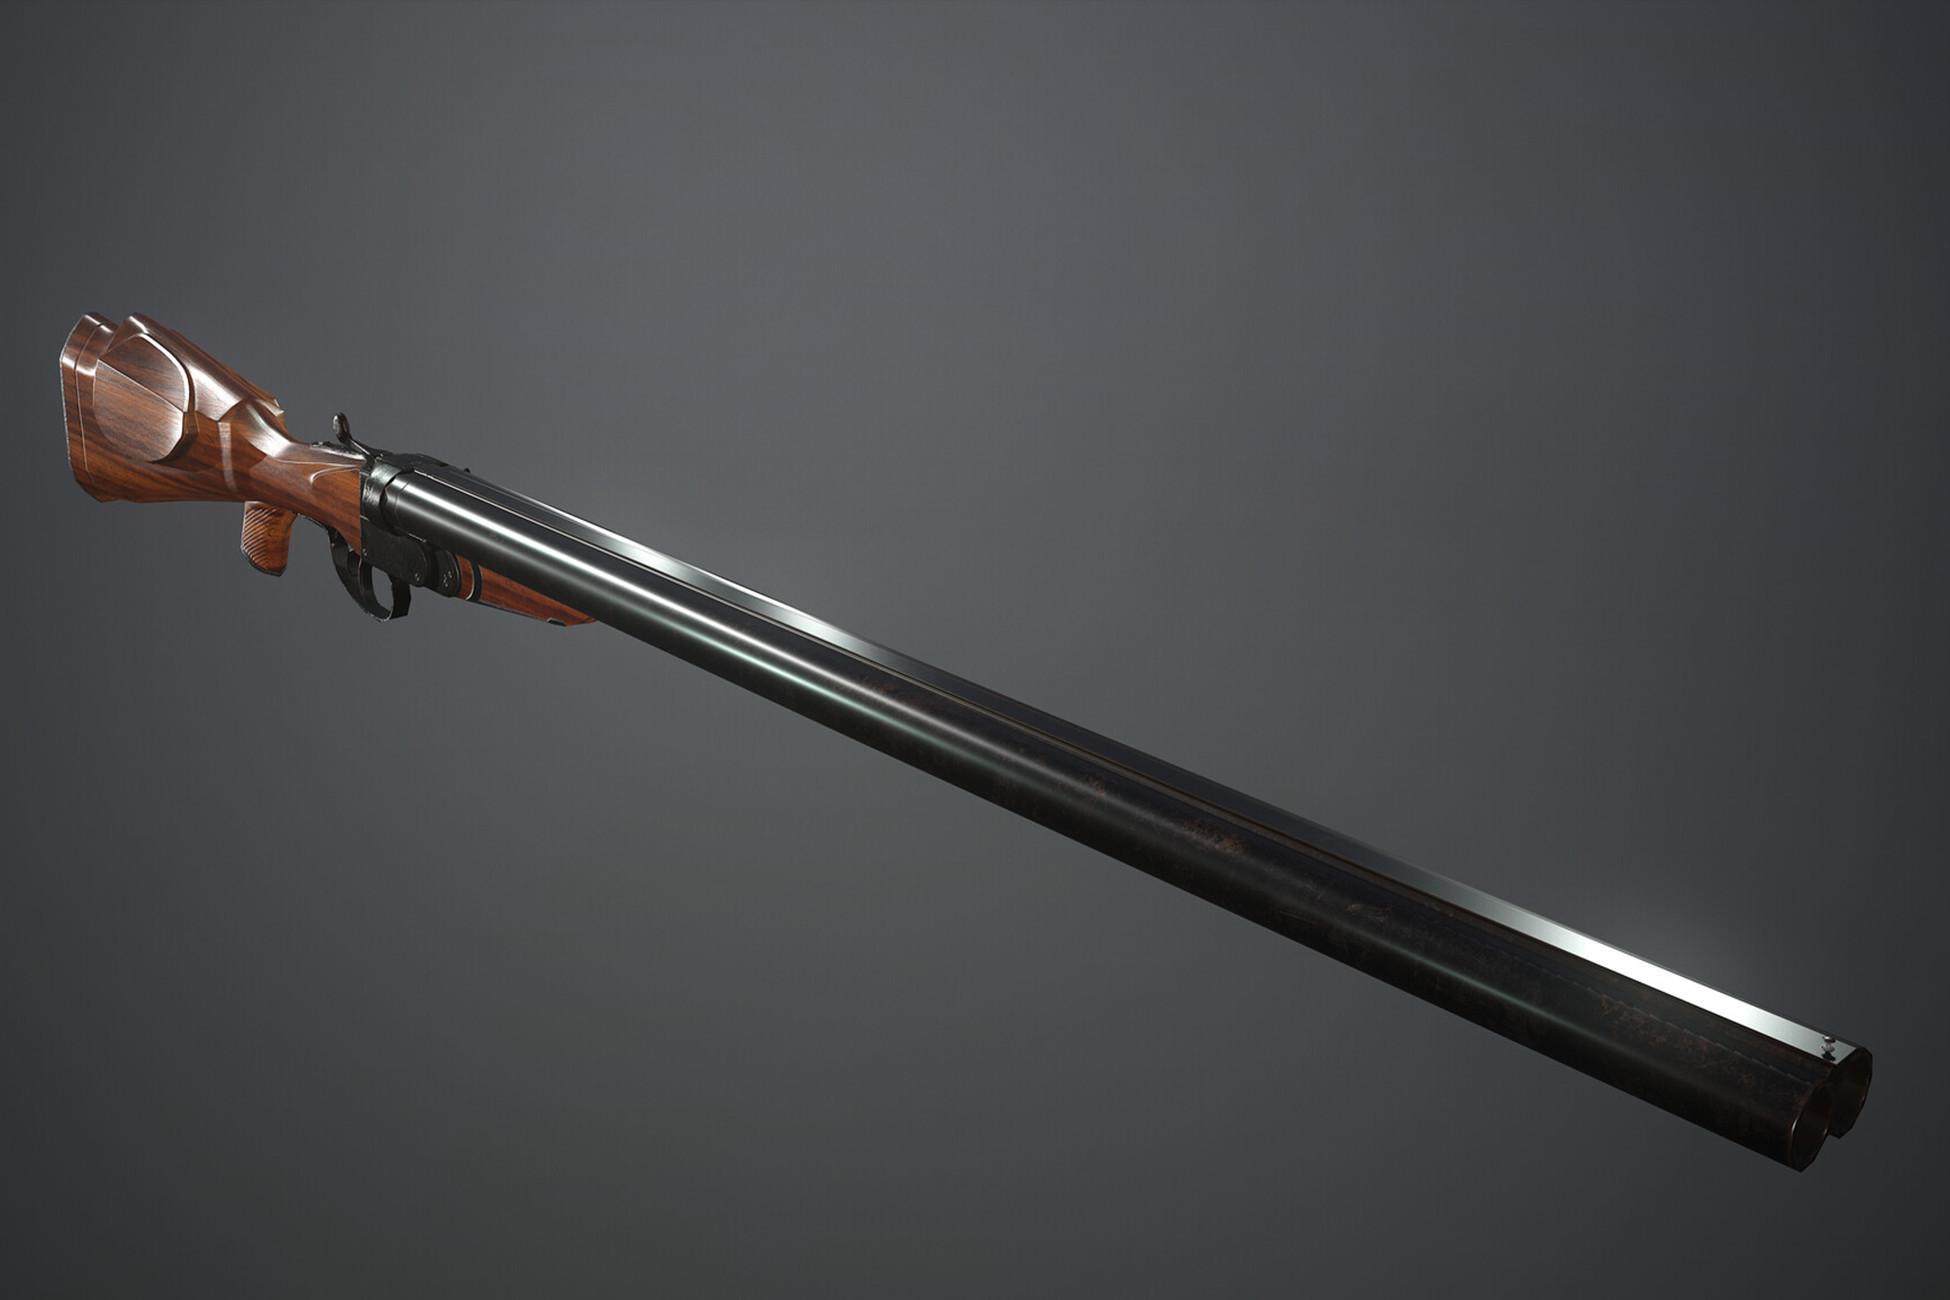 Double-barrel gun